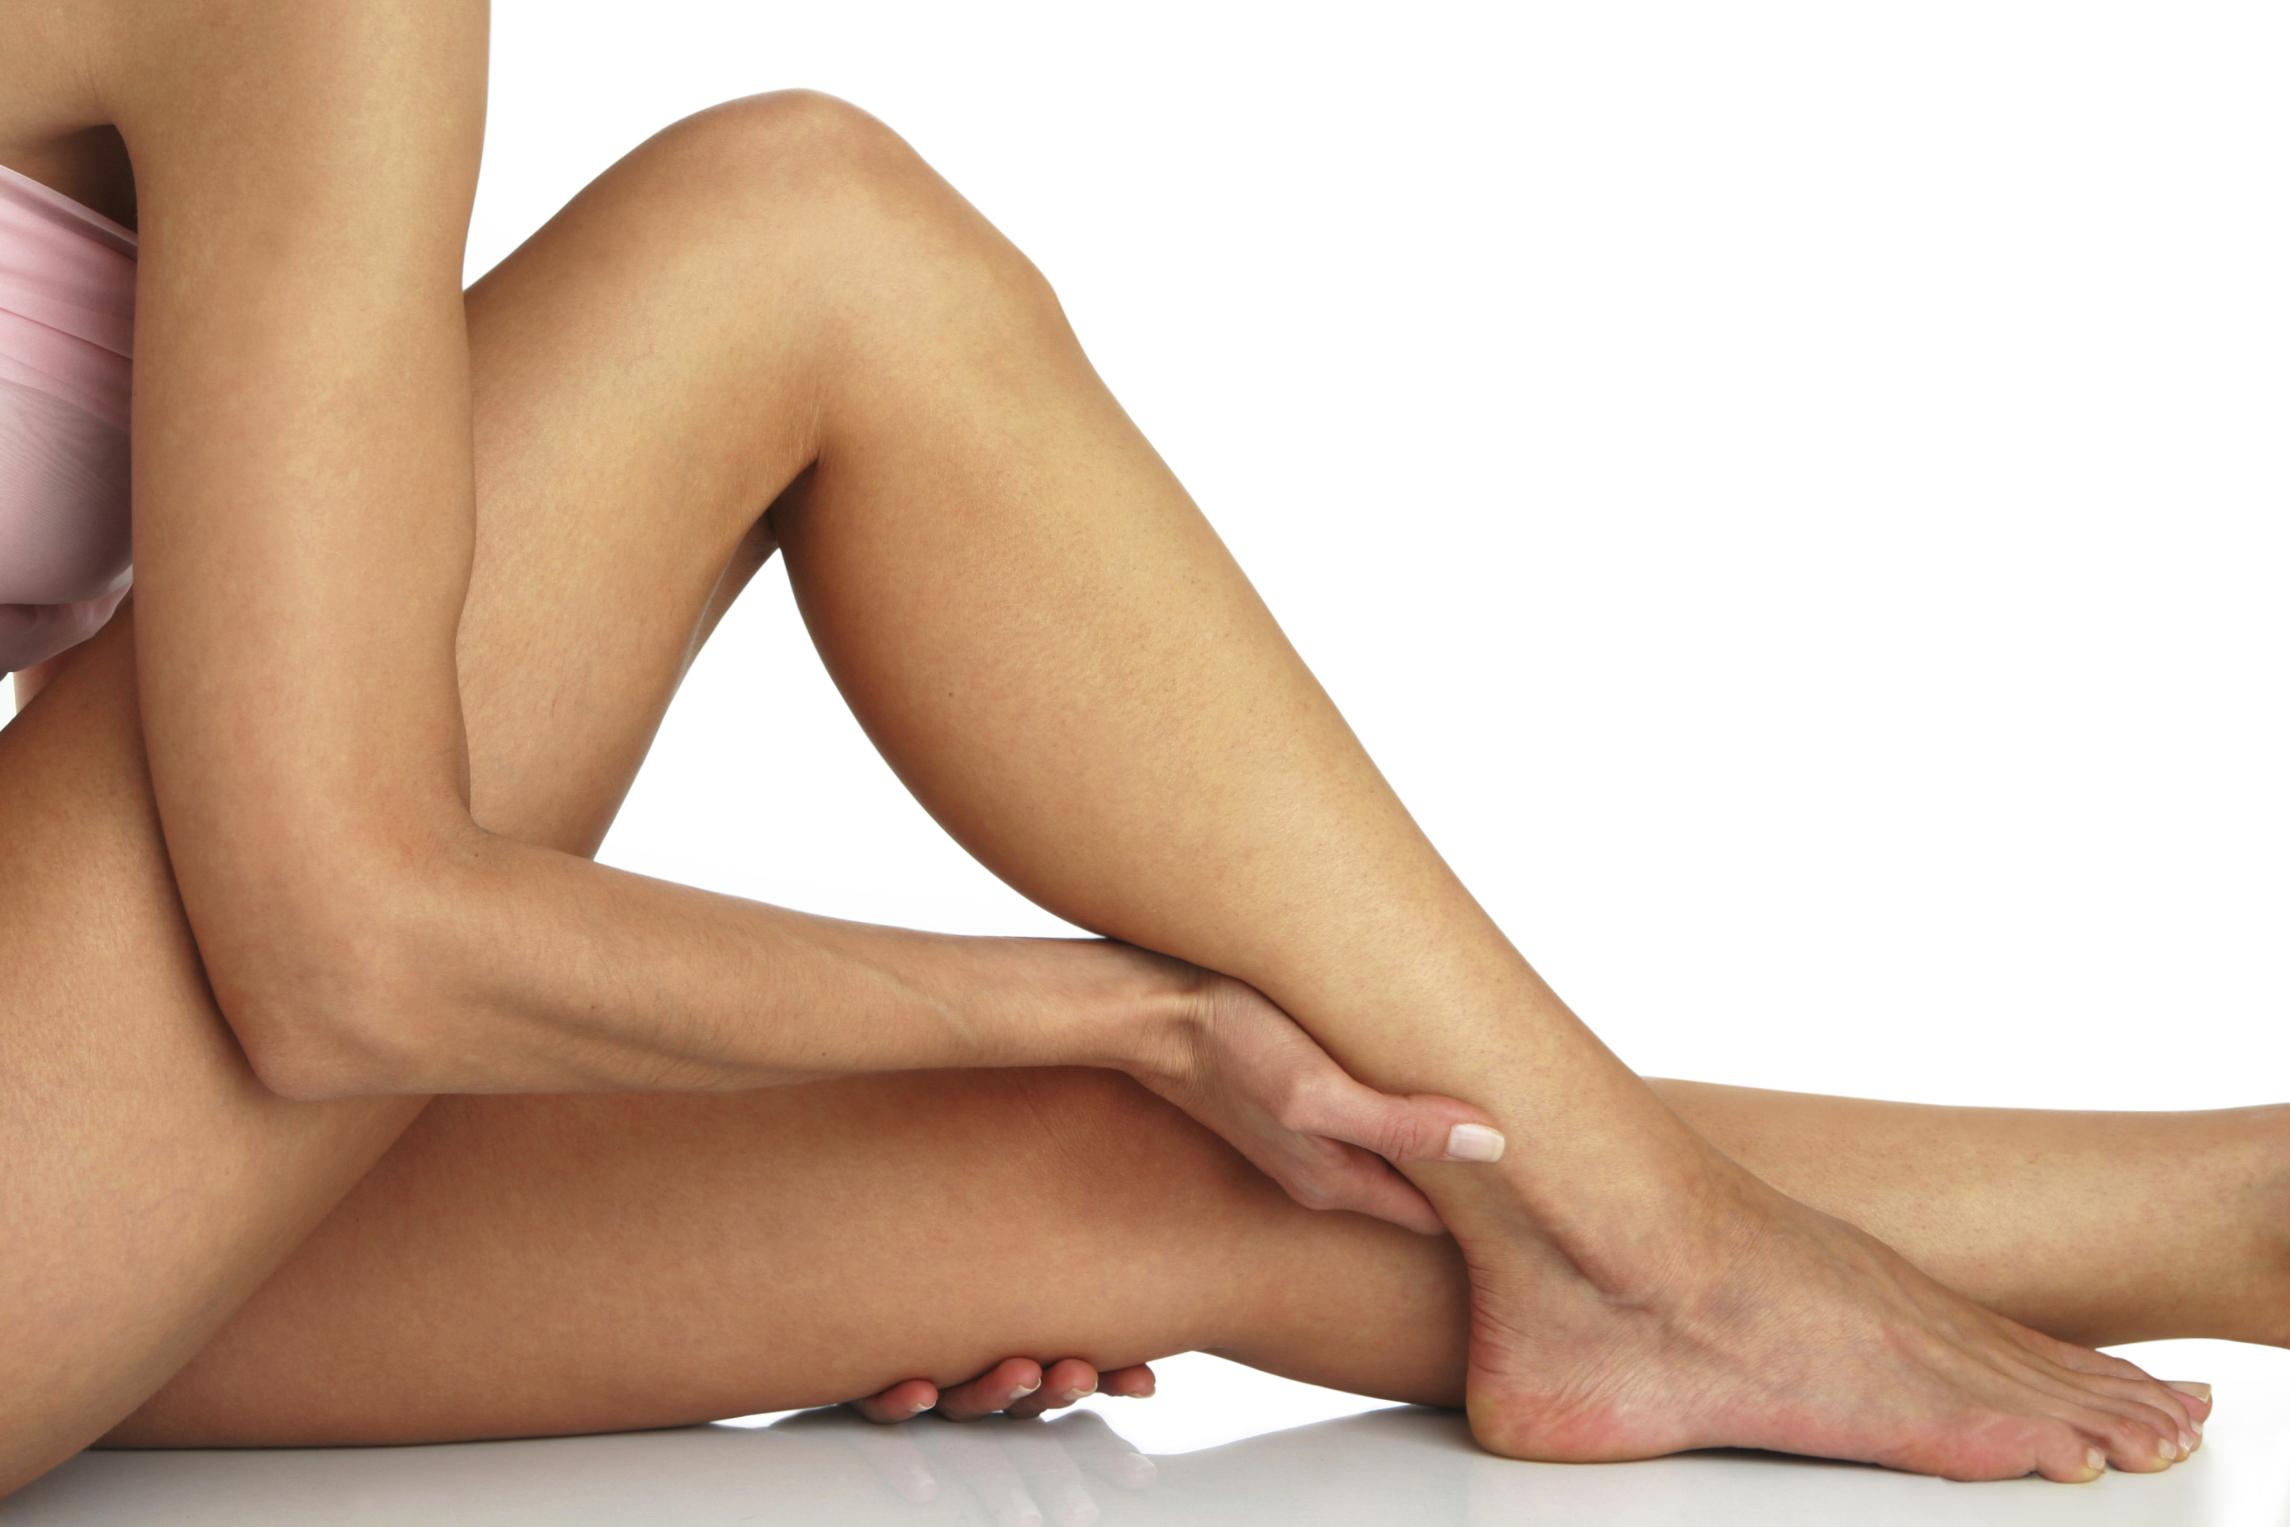 műtét visszér lézeres áron vélemények a lábak varikózisának működéséről